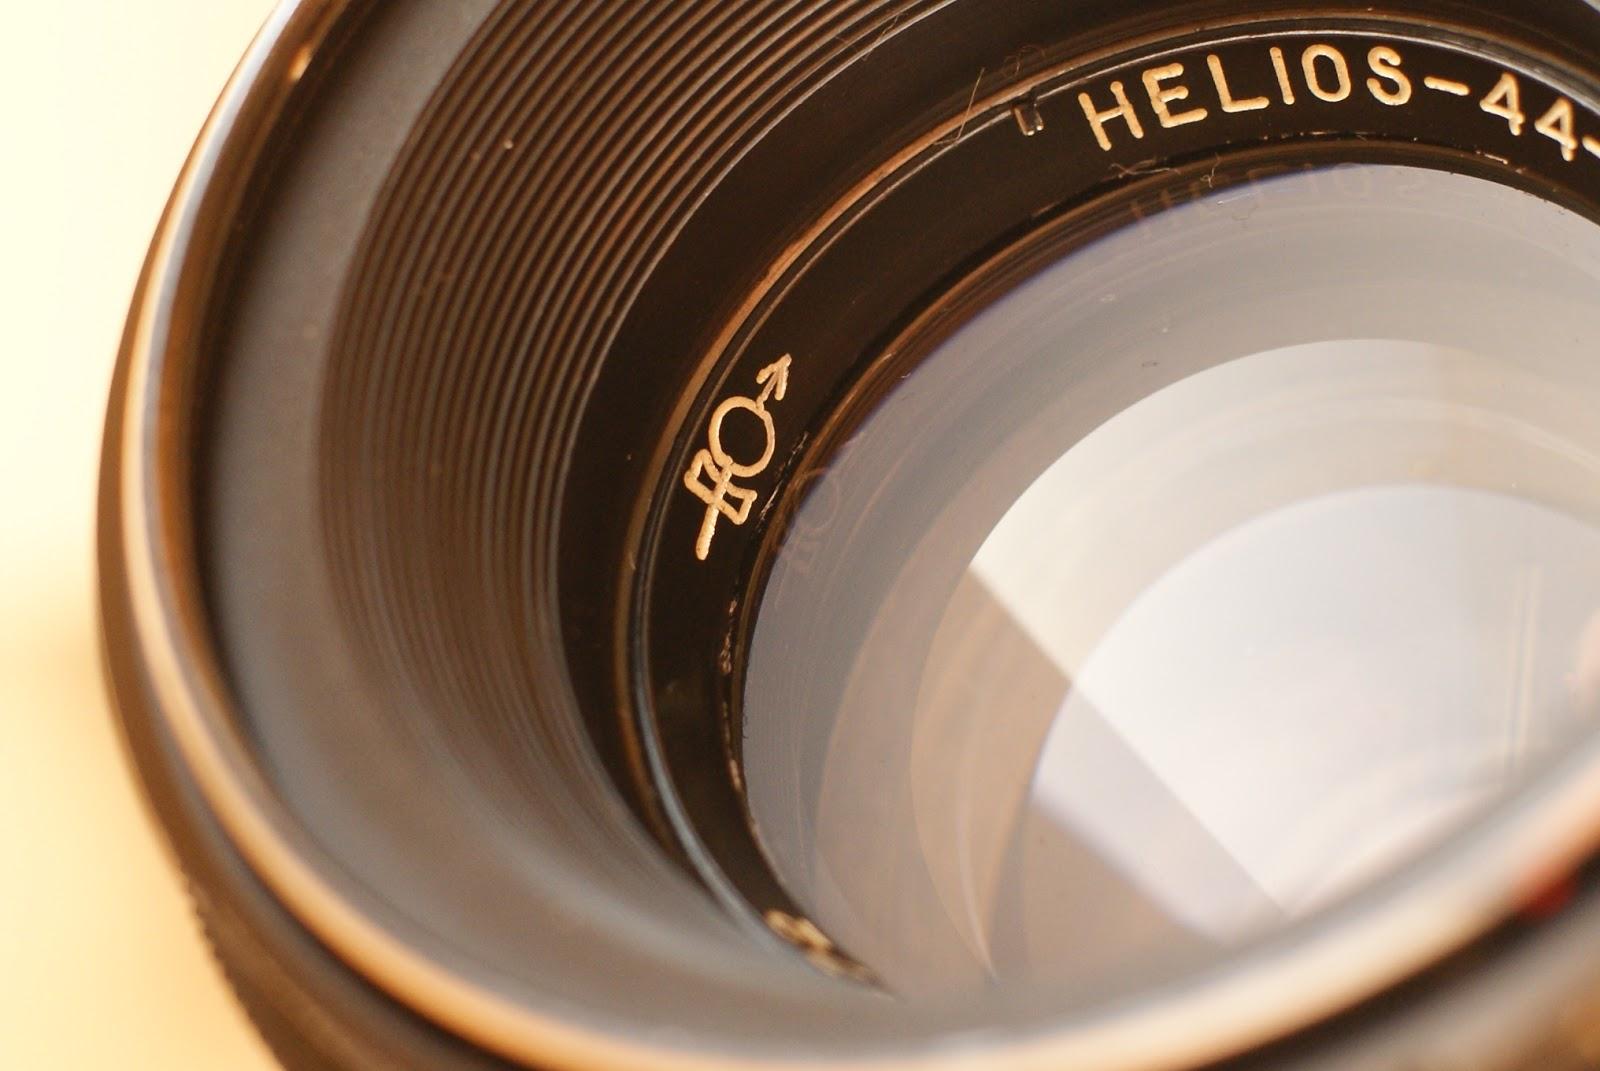 Helios 44-2 58mm F/2